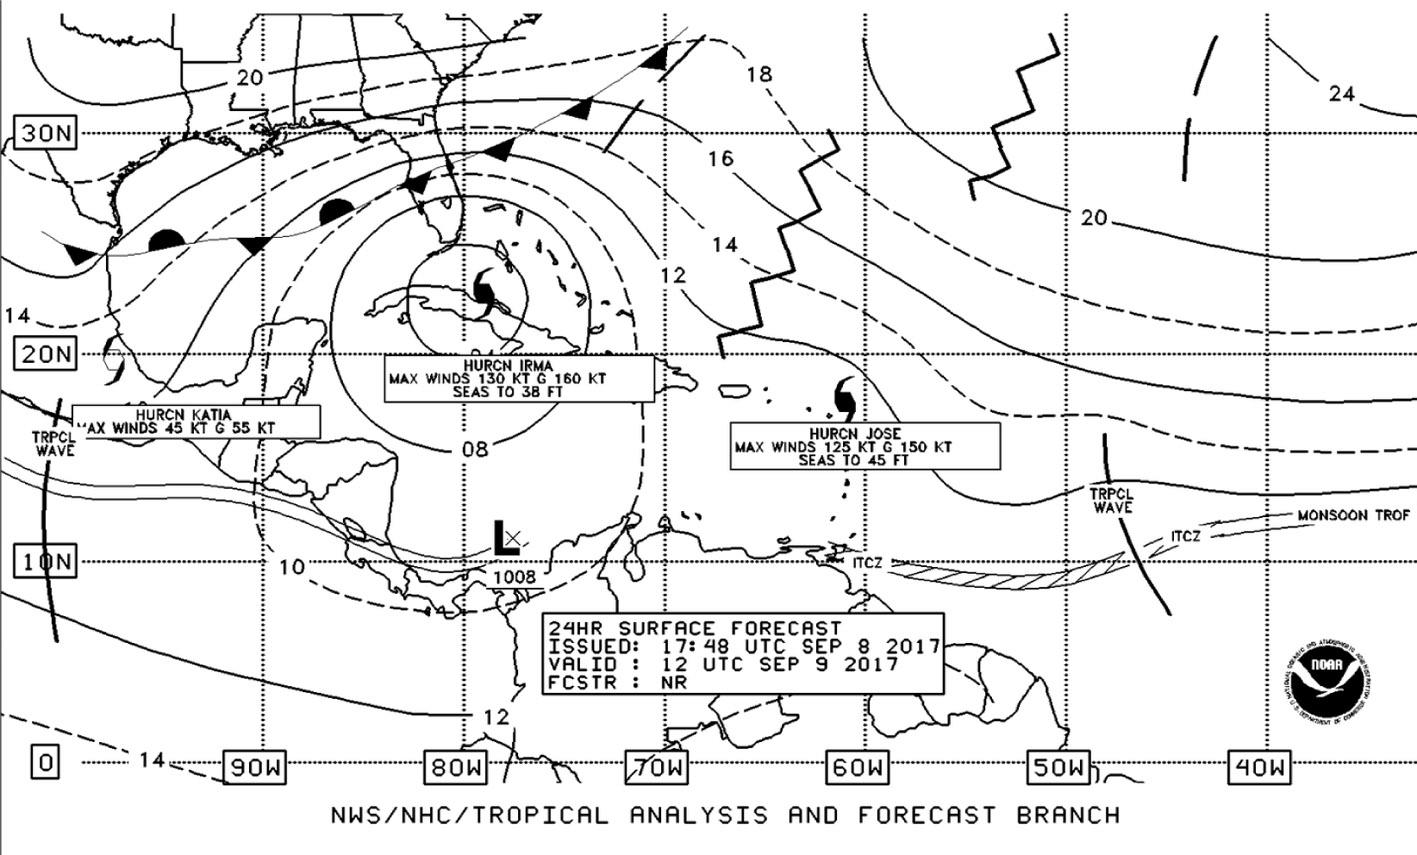 Bardzo rzadka sytuacja, gdy na jednym obszarze w tym samym czasie występują dwa bardzo aktywne huragany (Irma i Jose) oraz trzeci, słabnący do siły sztormu tropikalnego, huragan Katia; 08.09.2017 (źródło: National Weather Service NOAA, USA).